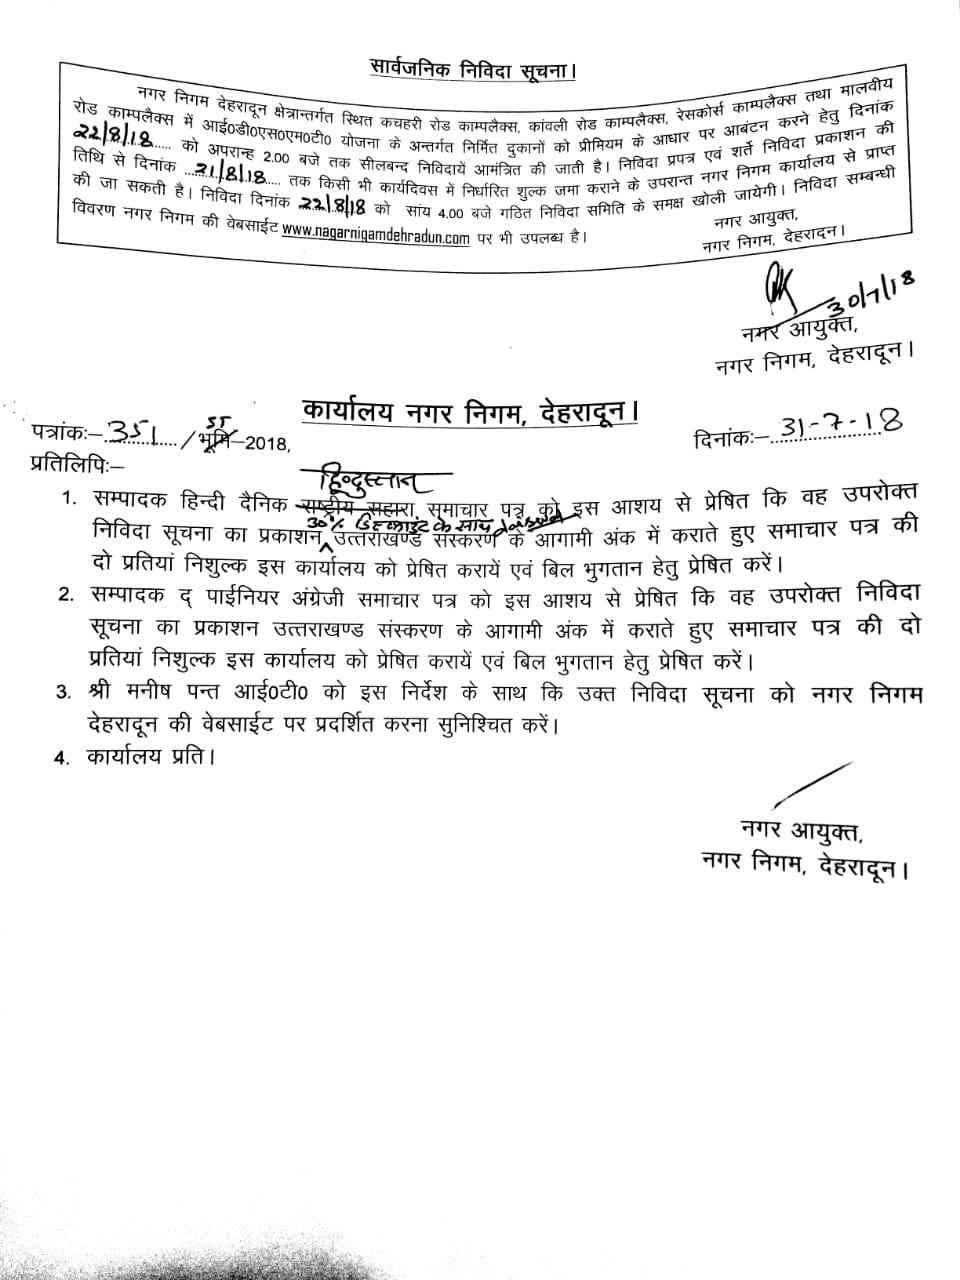 Nagar Nigam